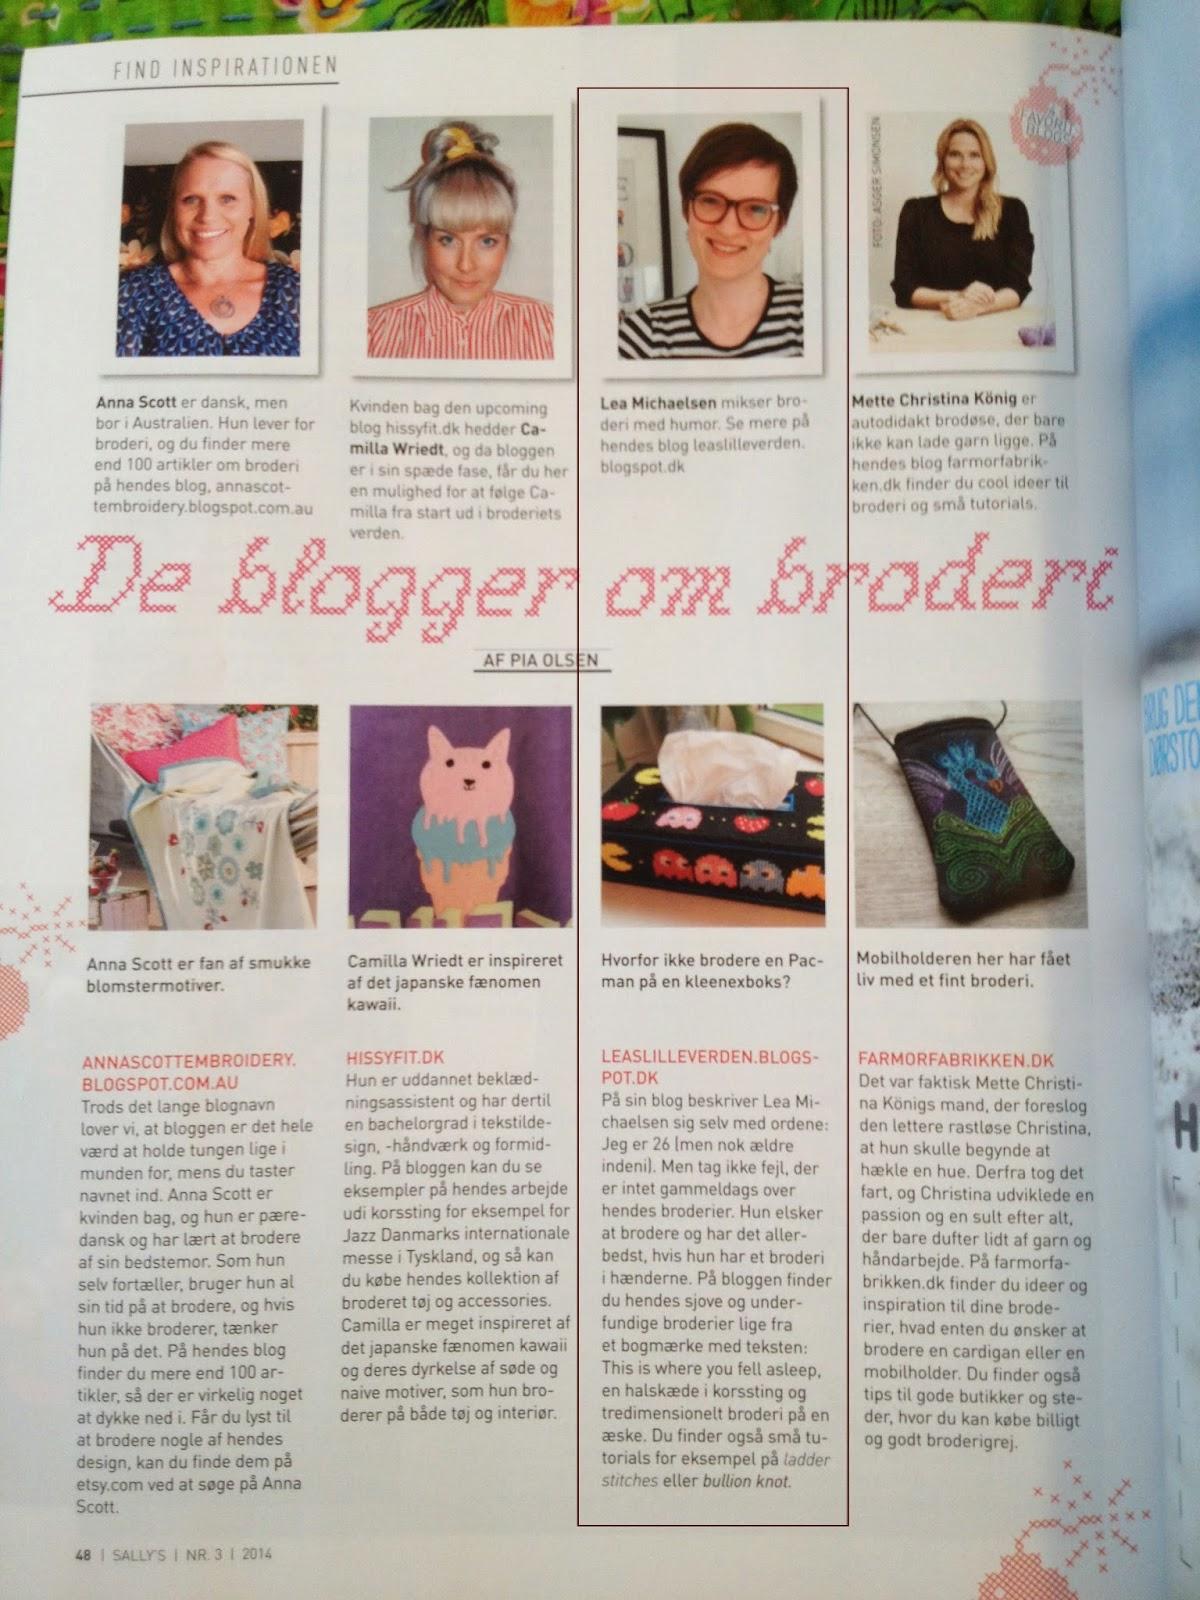 Magasinet Sally's med Lea's Lille Verden blandt 4 favoritblogs